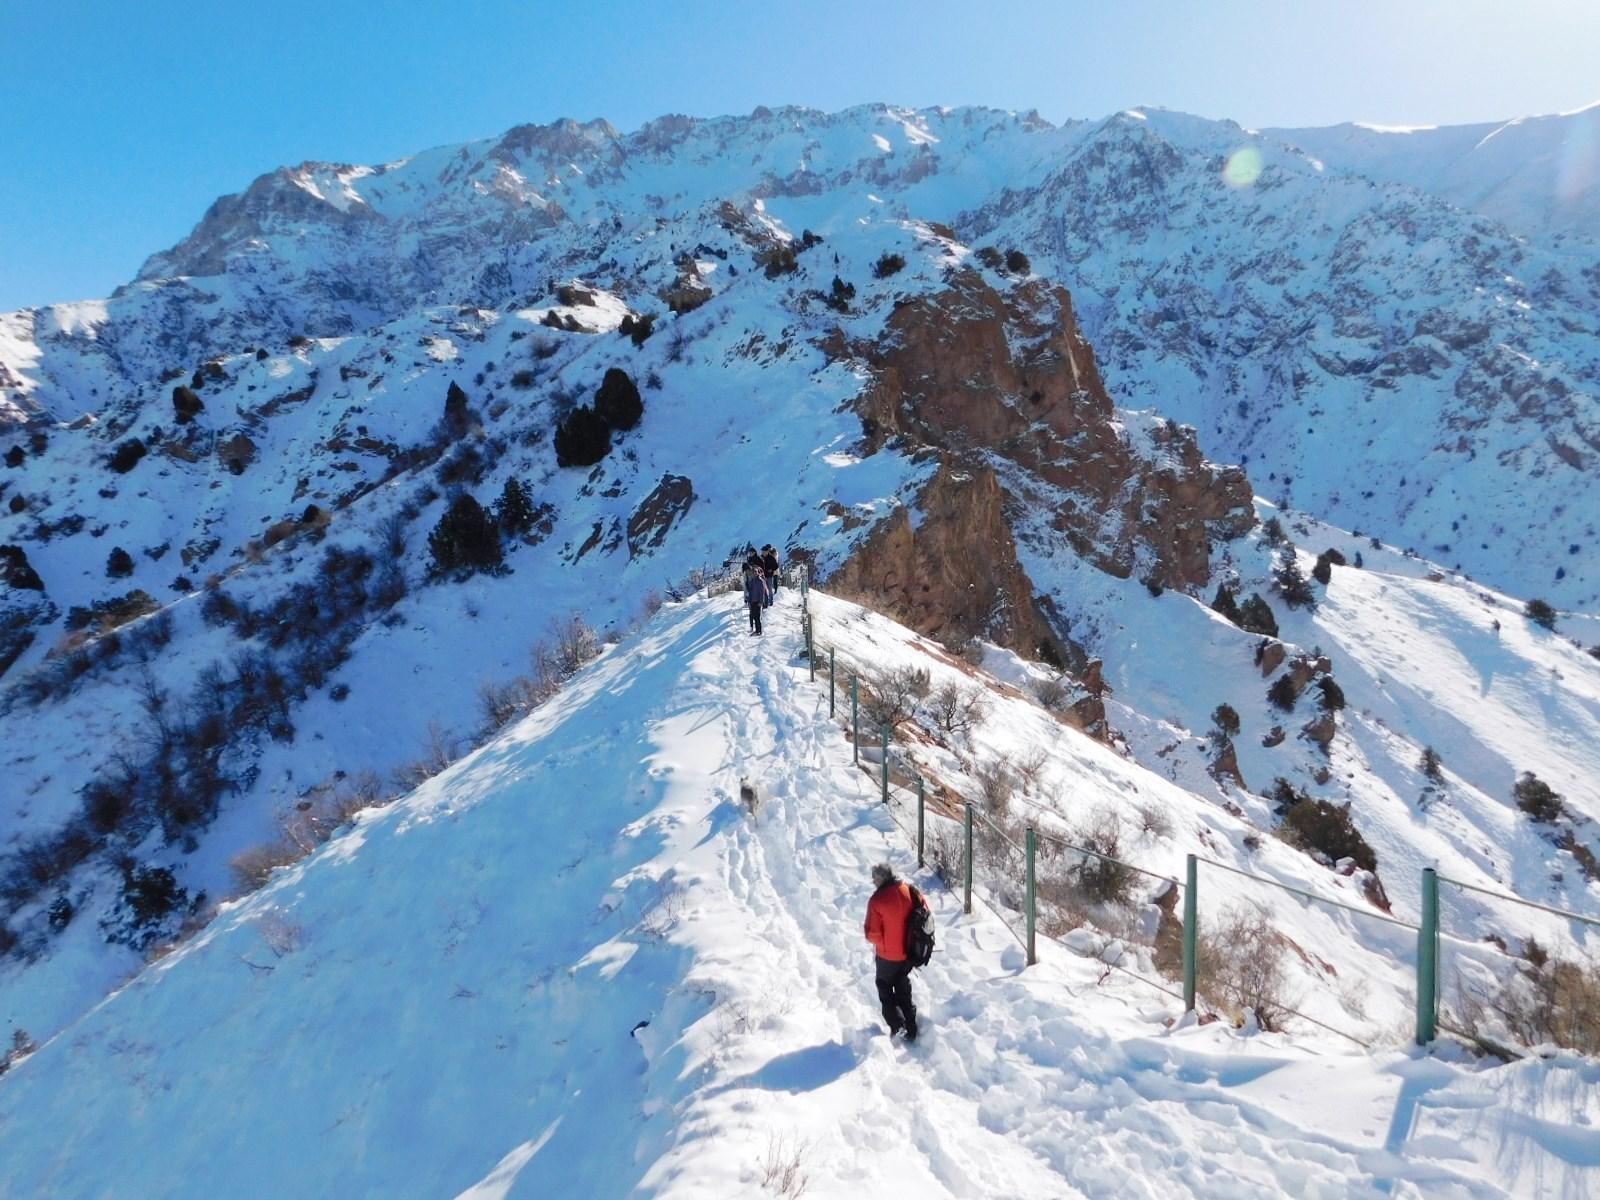 背後に迫るチャトカル山と西天山のパノラマ(11月)